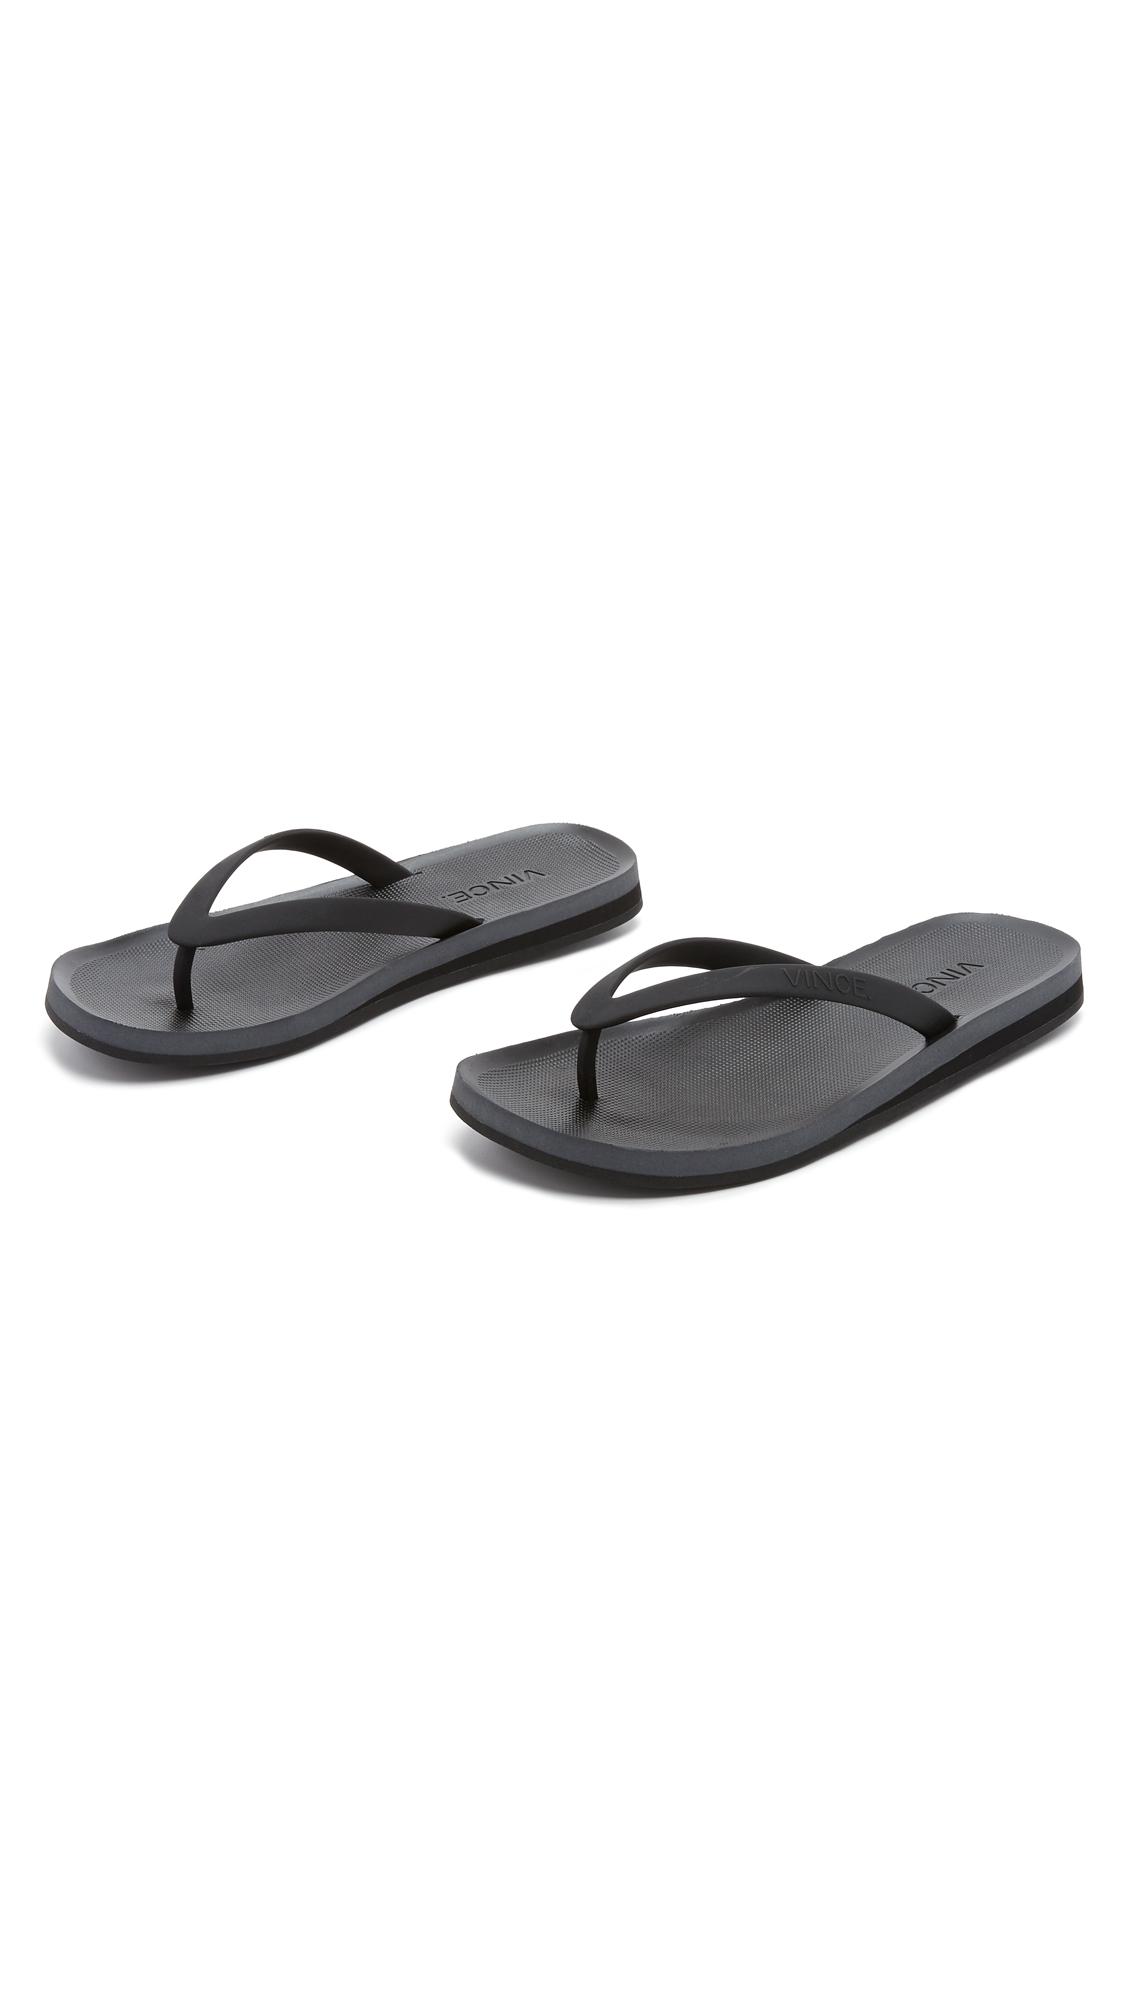 a343a56d16ec Vince Tyler Flip Flops